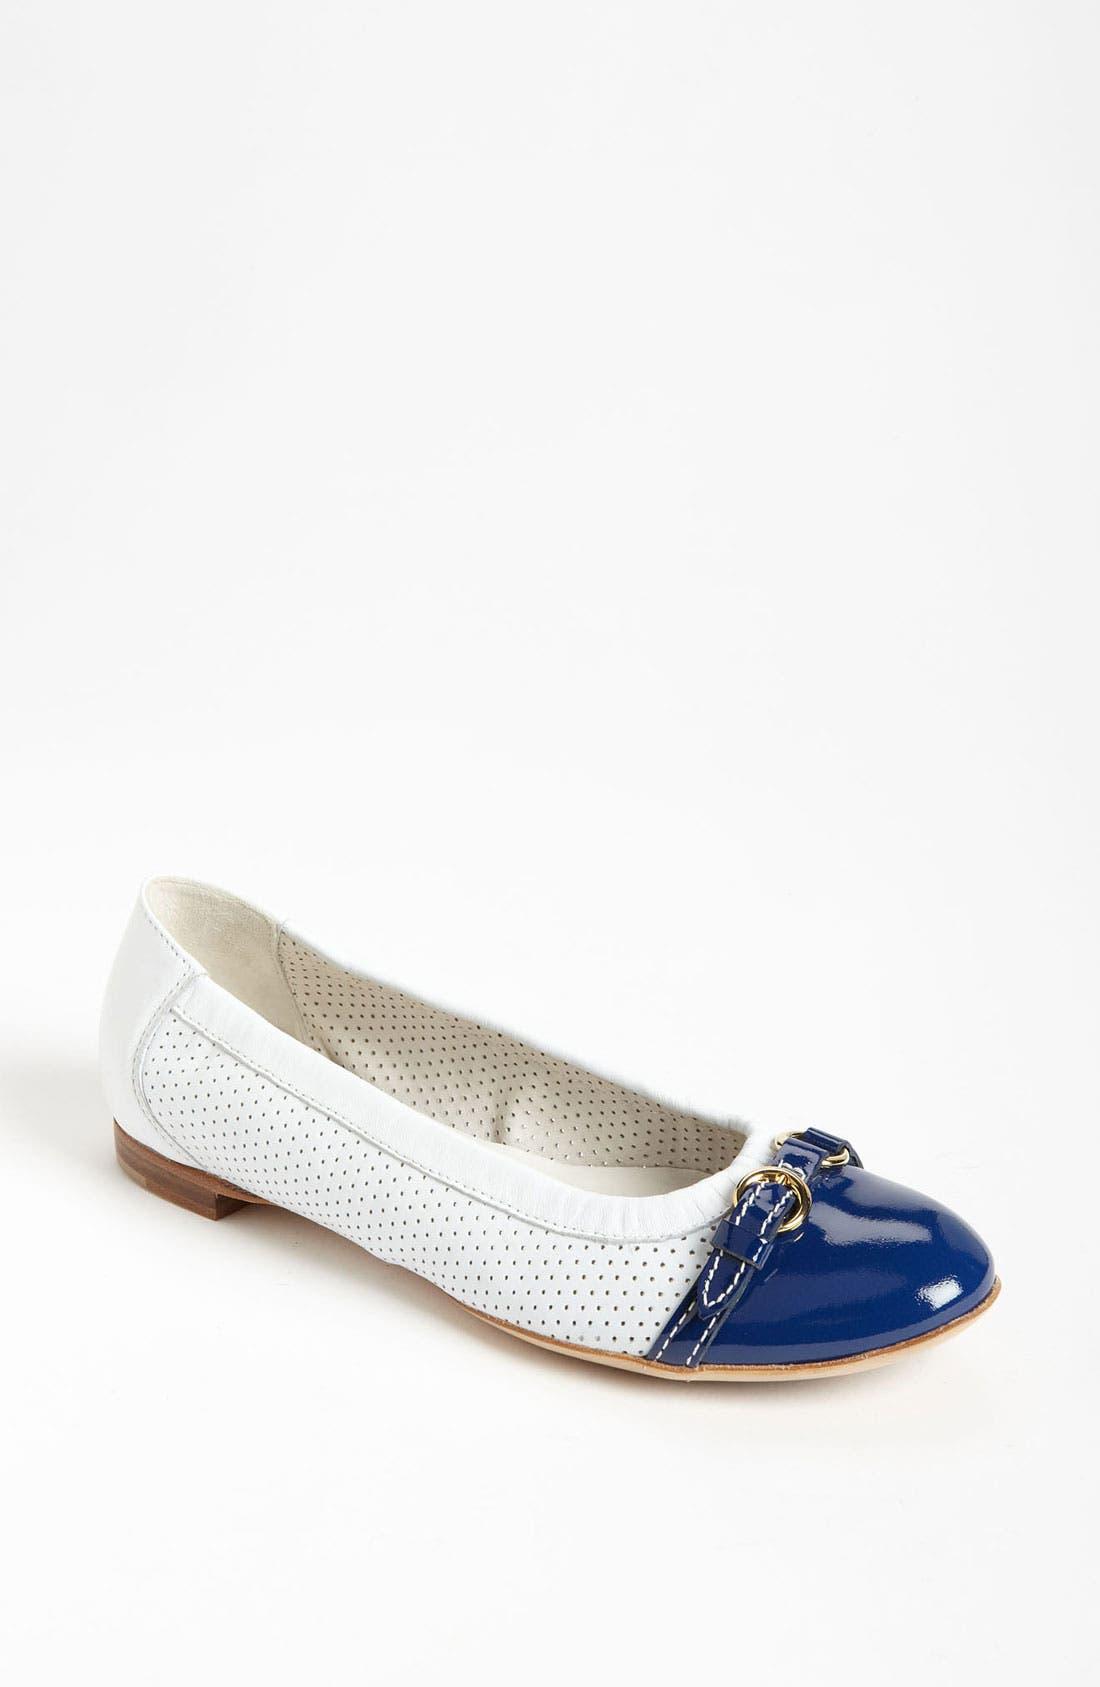 Main Image - Attilio Giusti Leombruni Perforated Toe Cap Ballet Flat